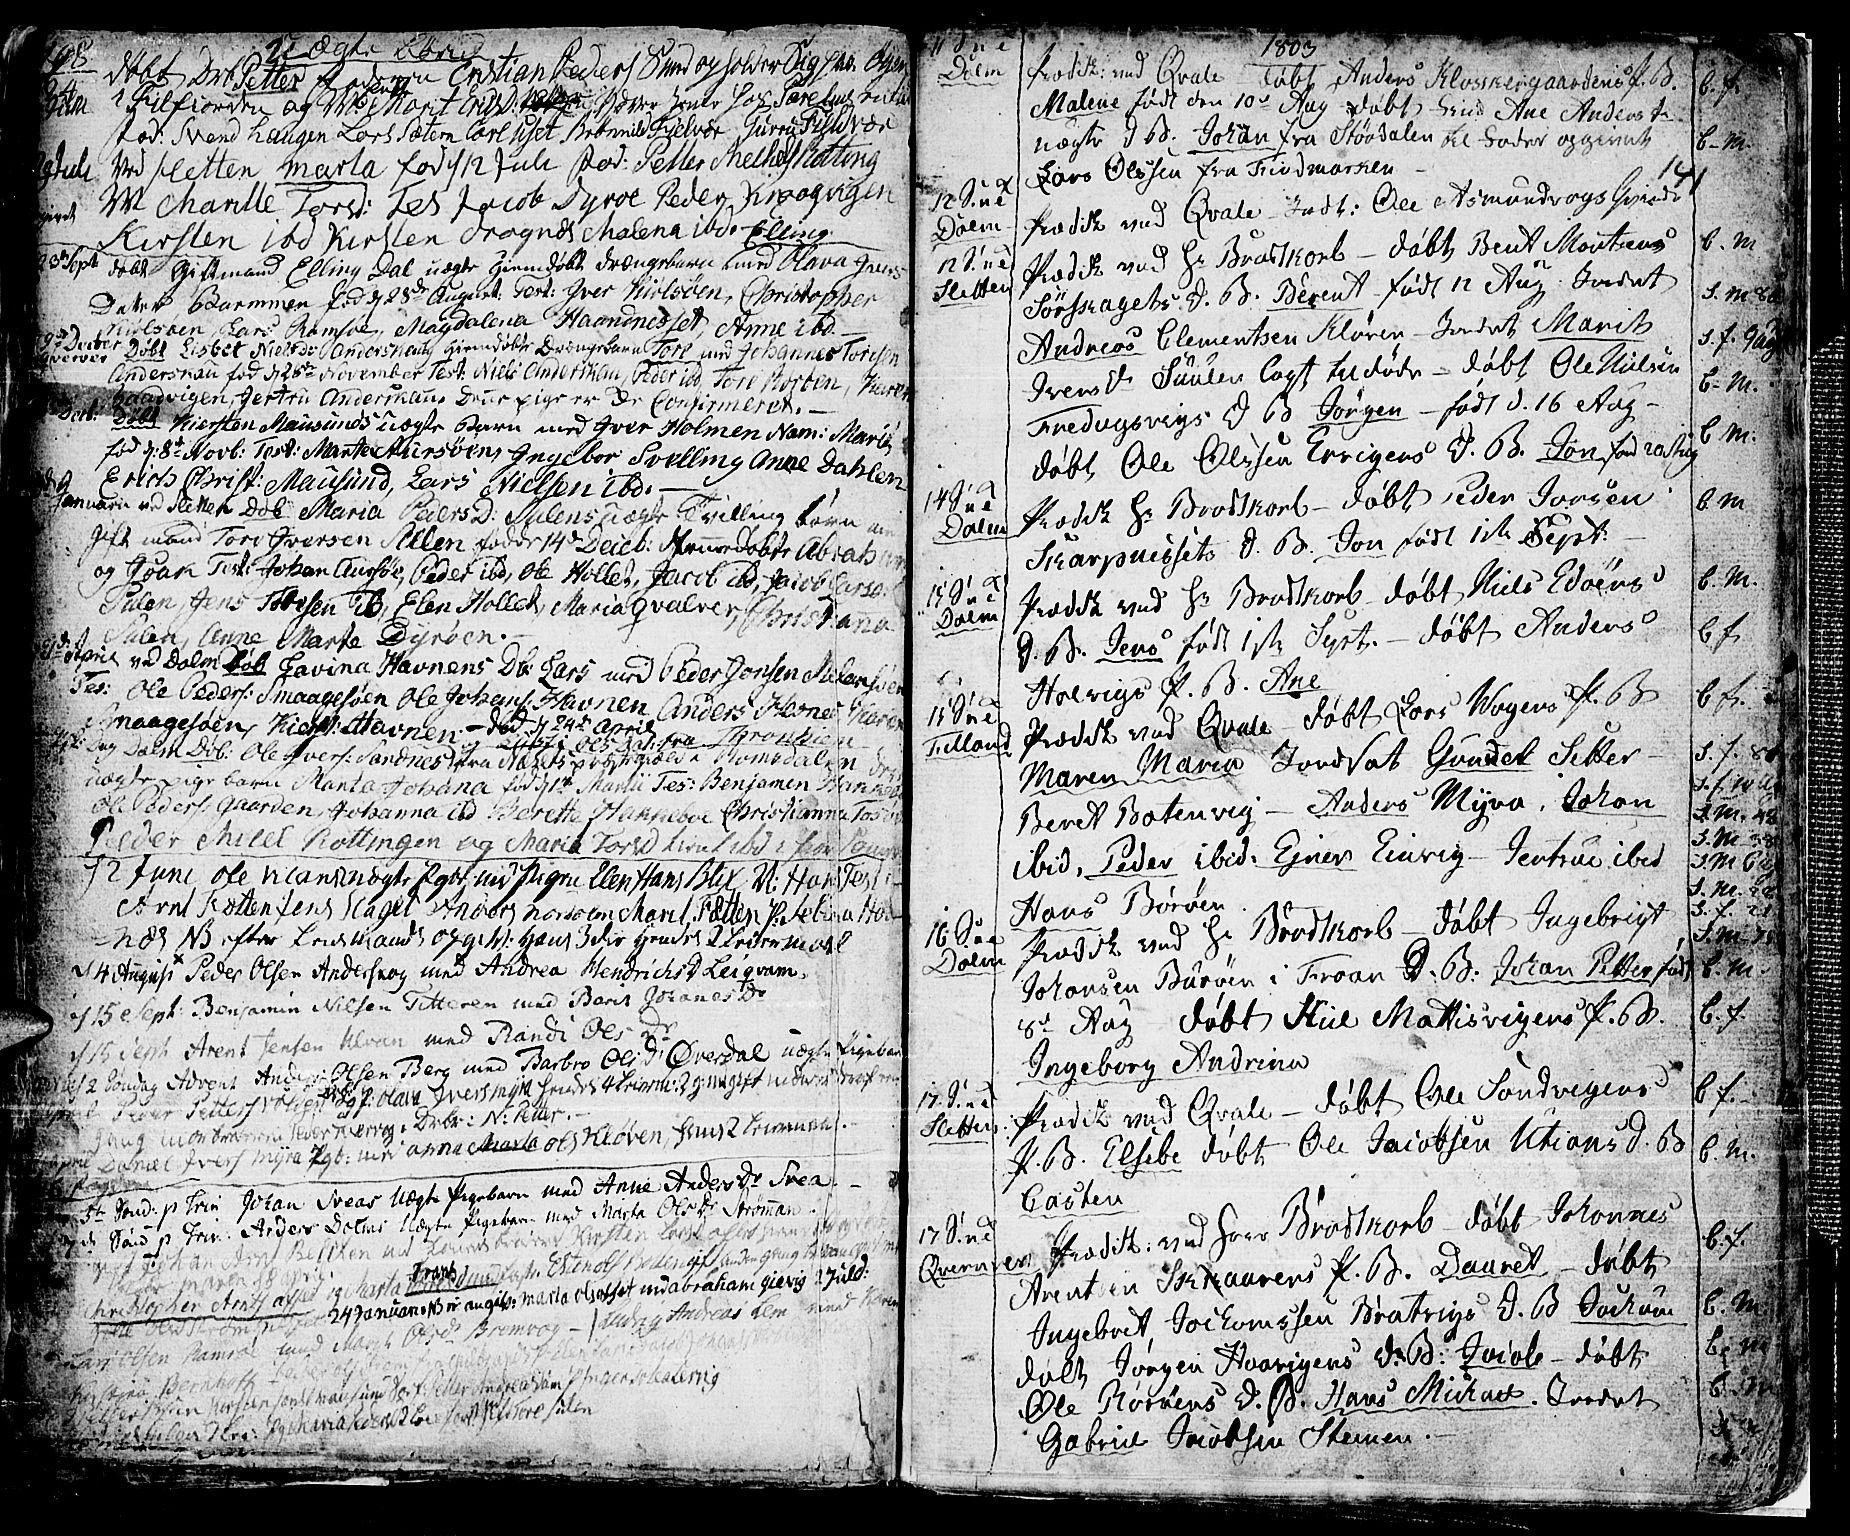 SAT, Ministerialprotokoller, klokkerbøker og fødselsregistre - Sør-Trøndelag, 634/L0526: Ministerialbok nr. 634A02, 1775-1818, s. 141